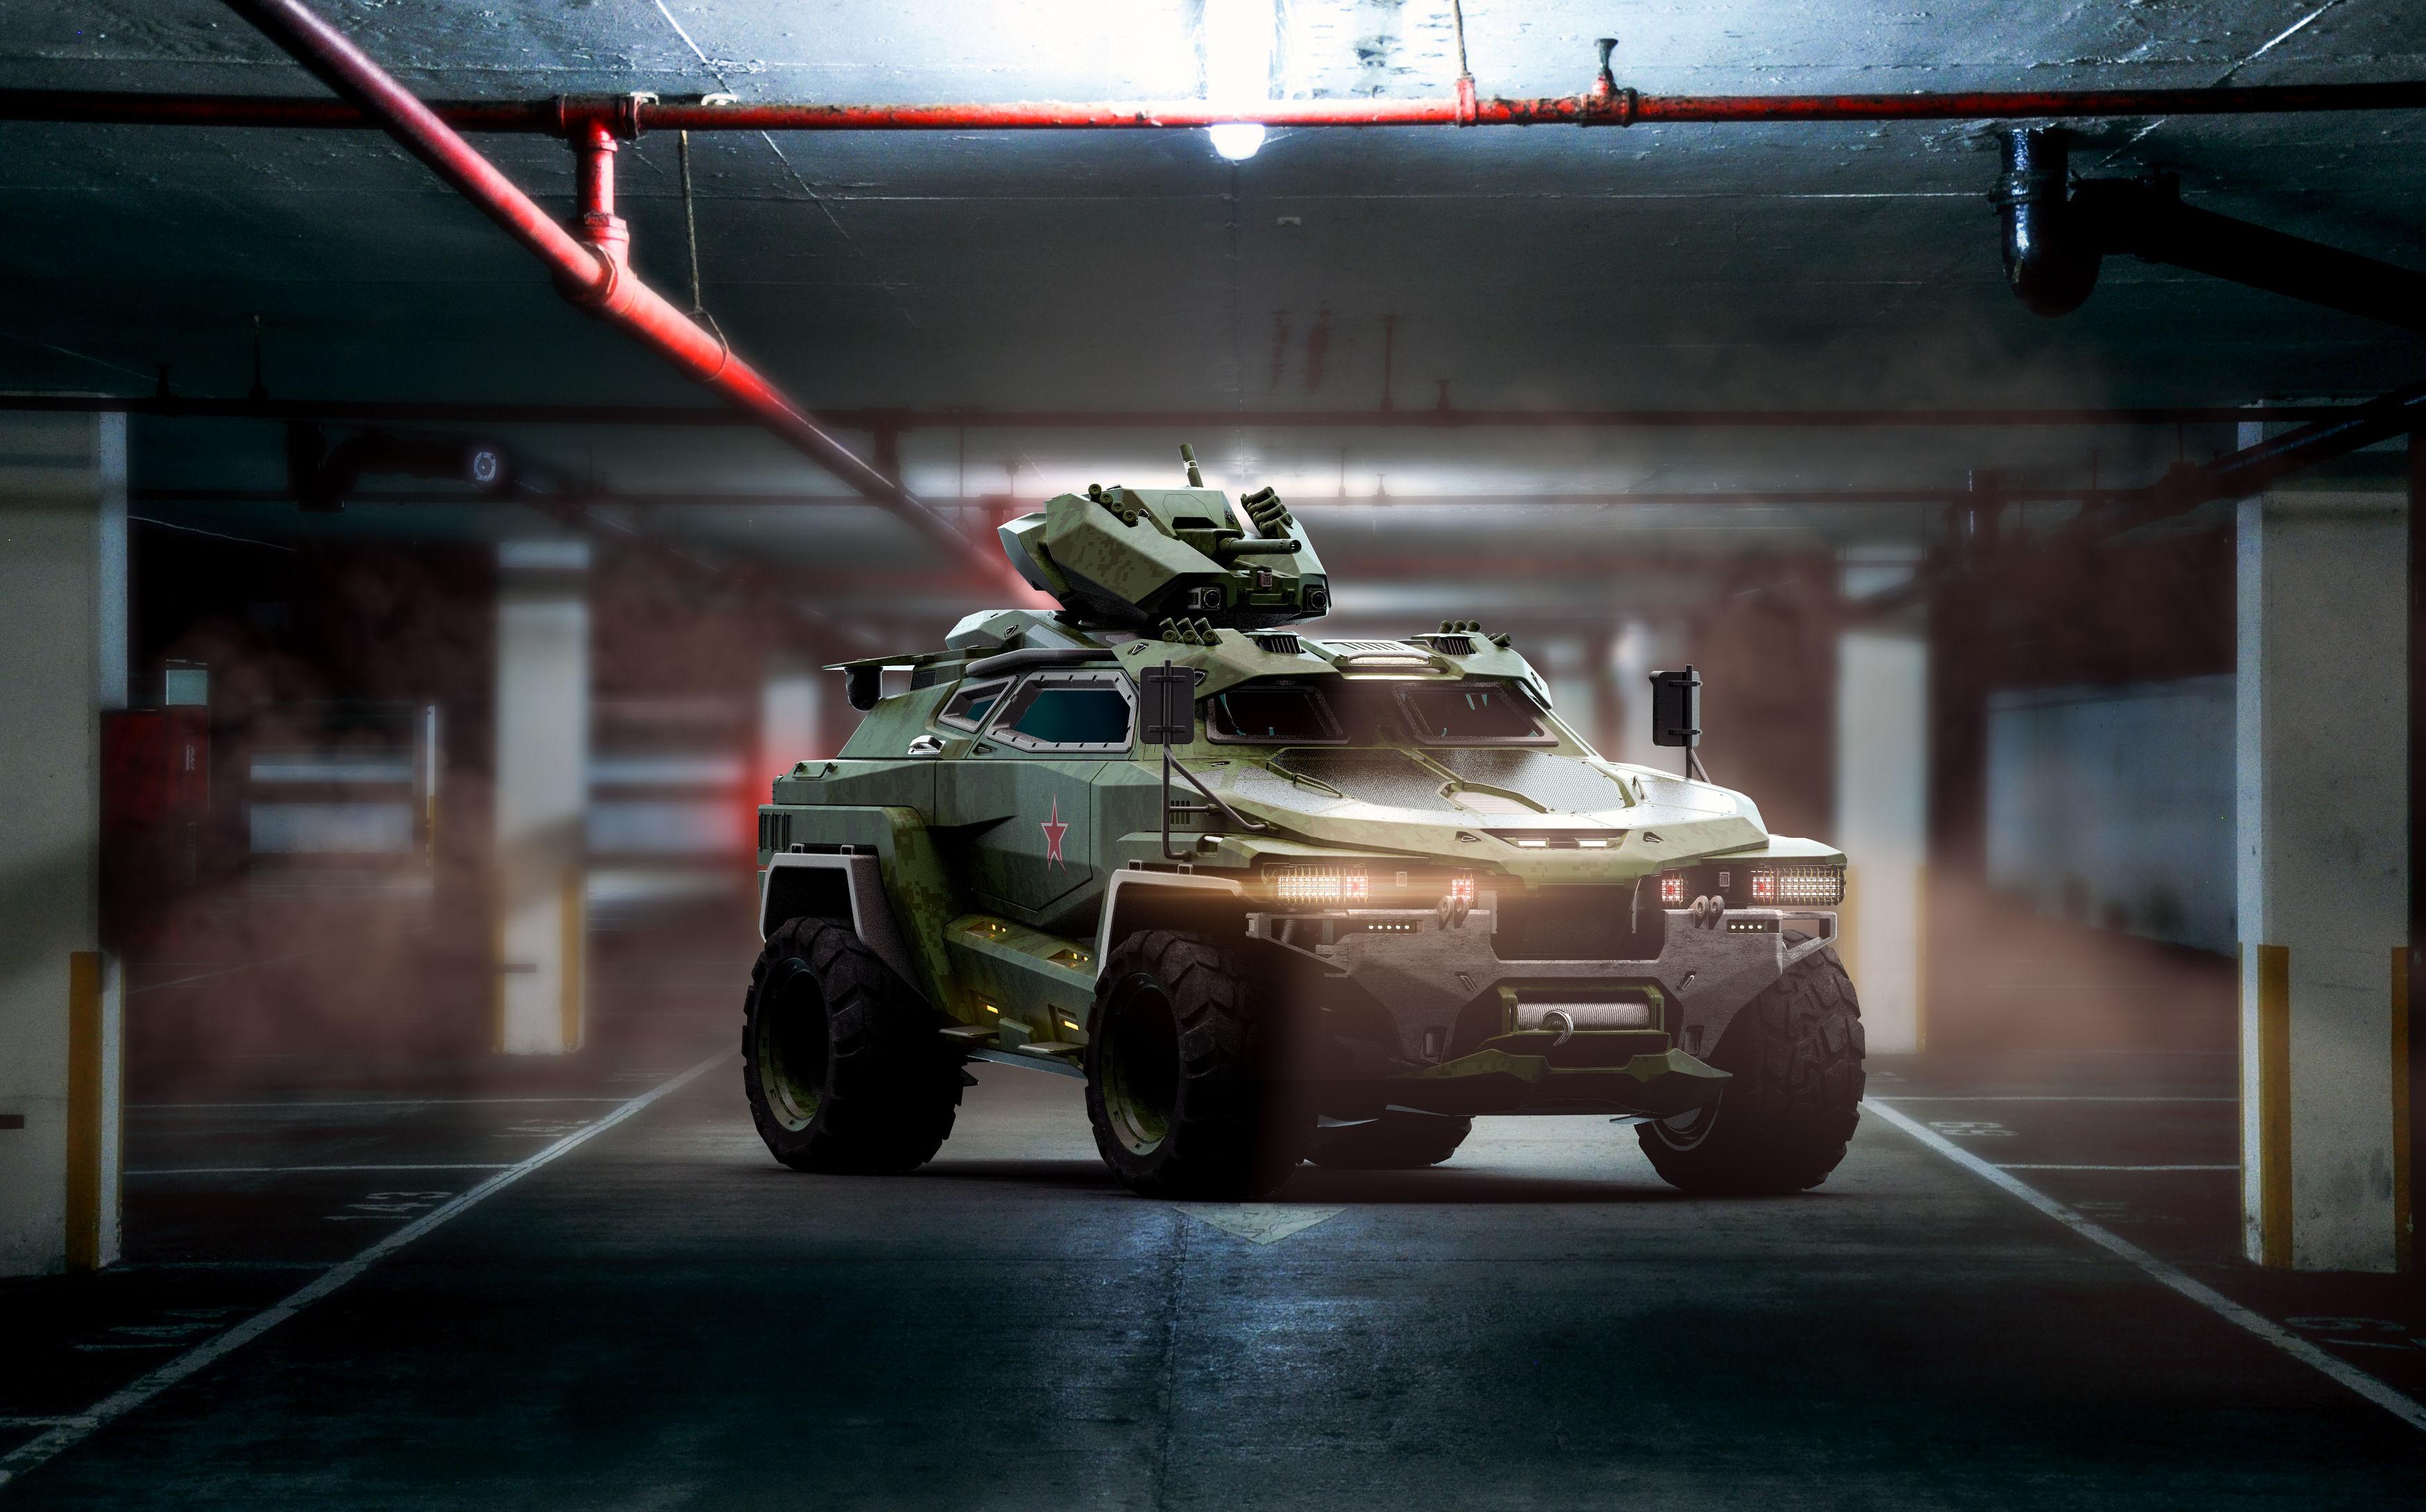 Tiger-komandir-2030-3500-3500